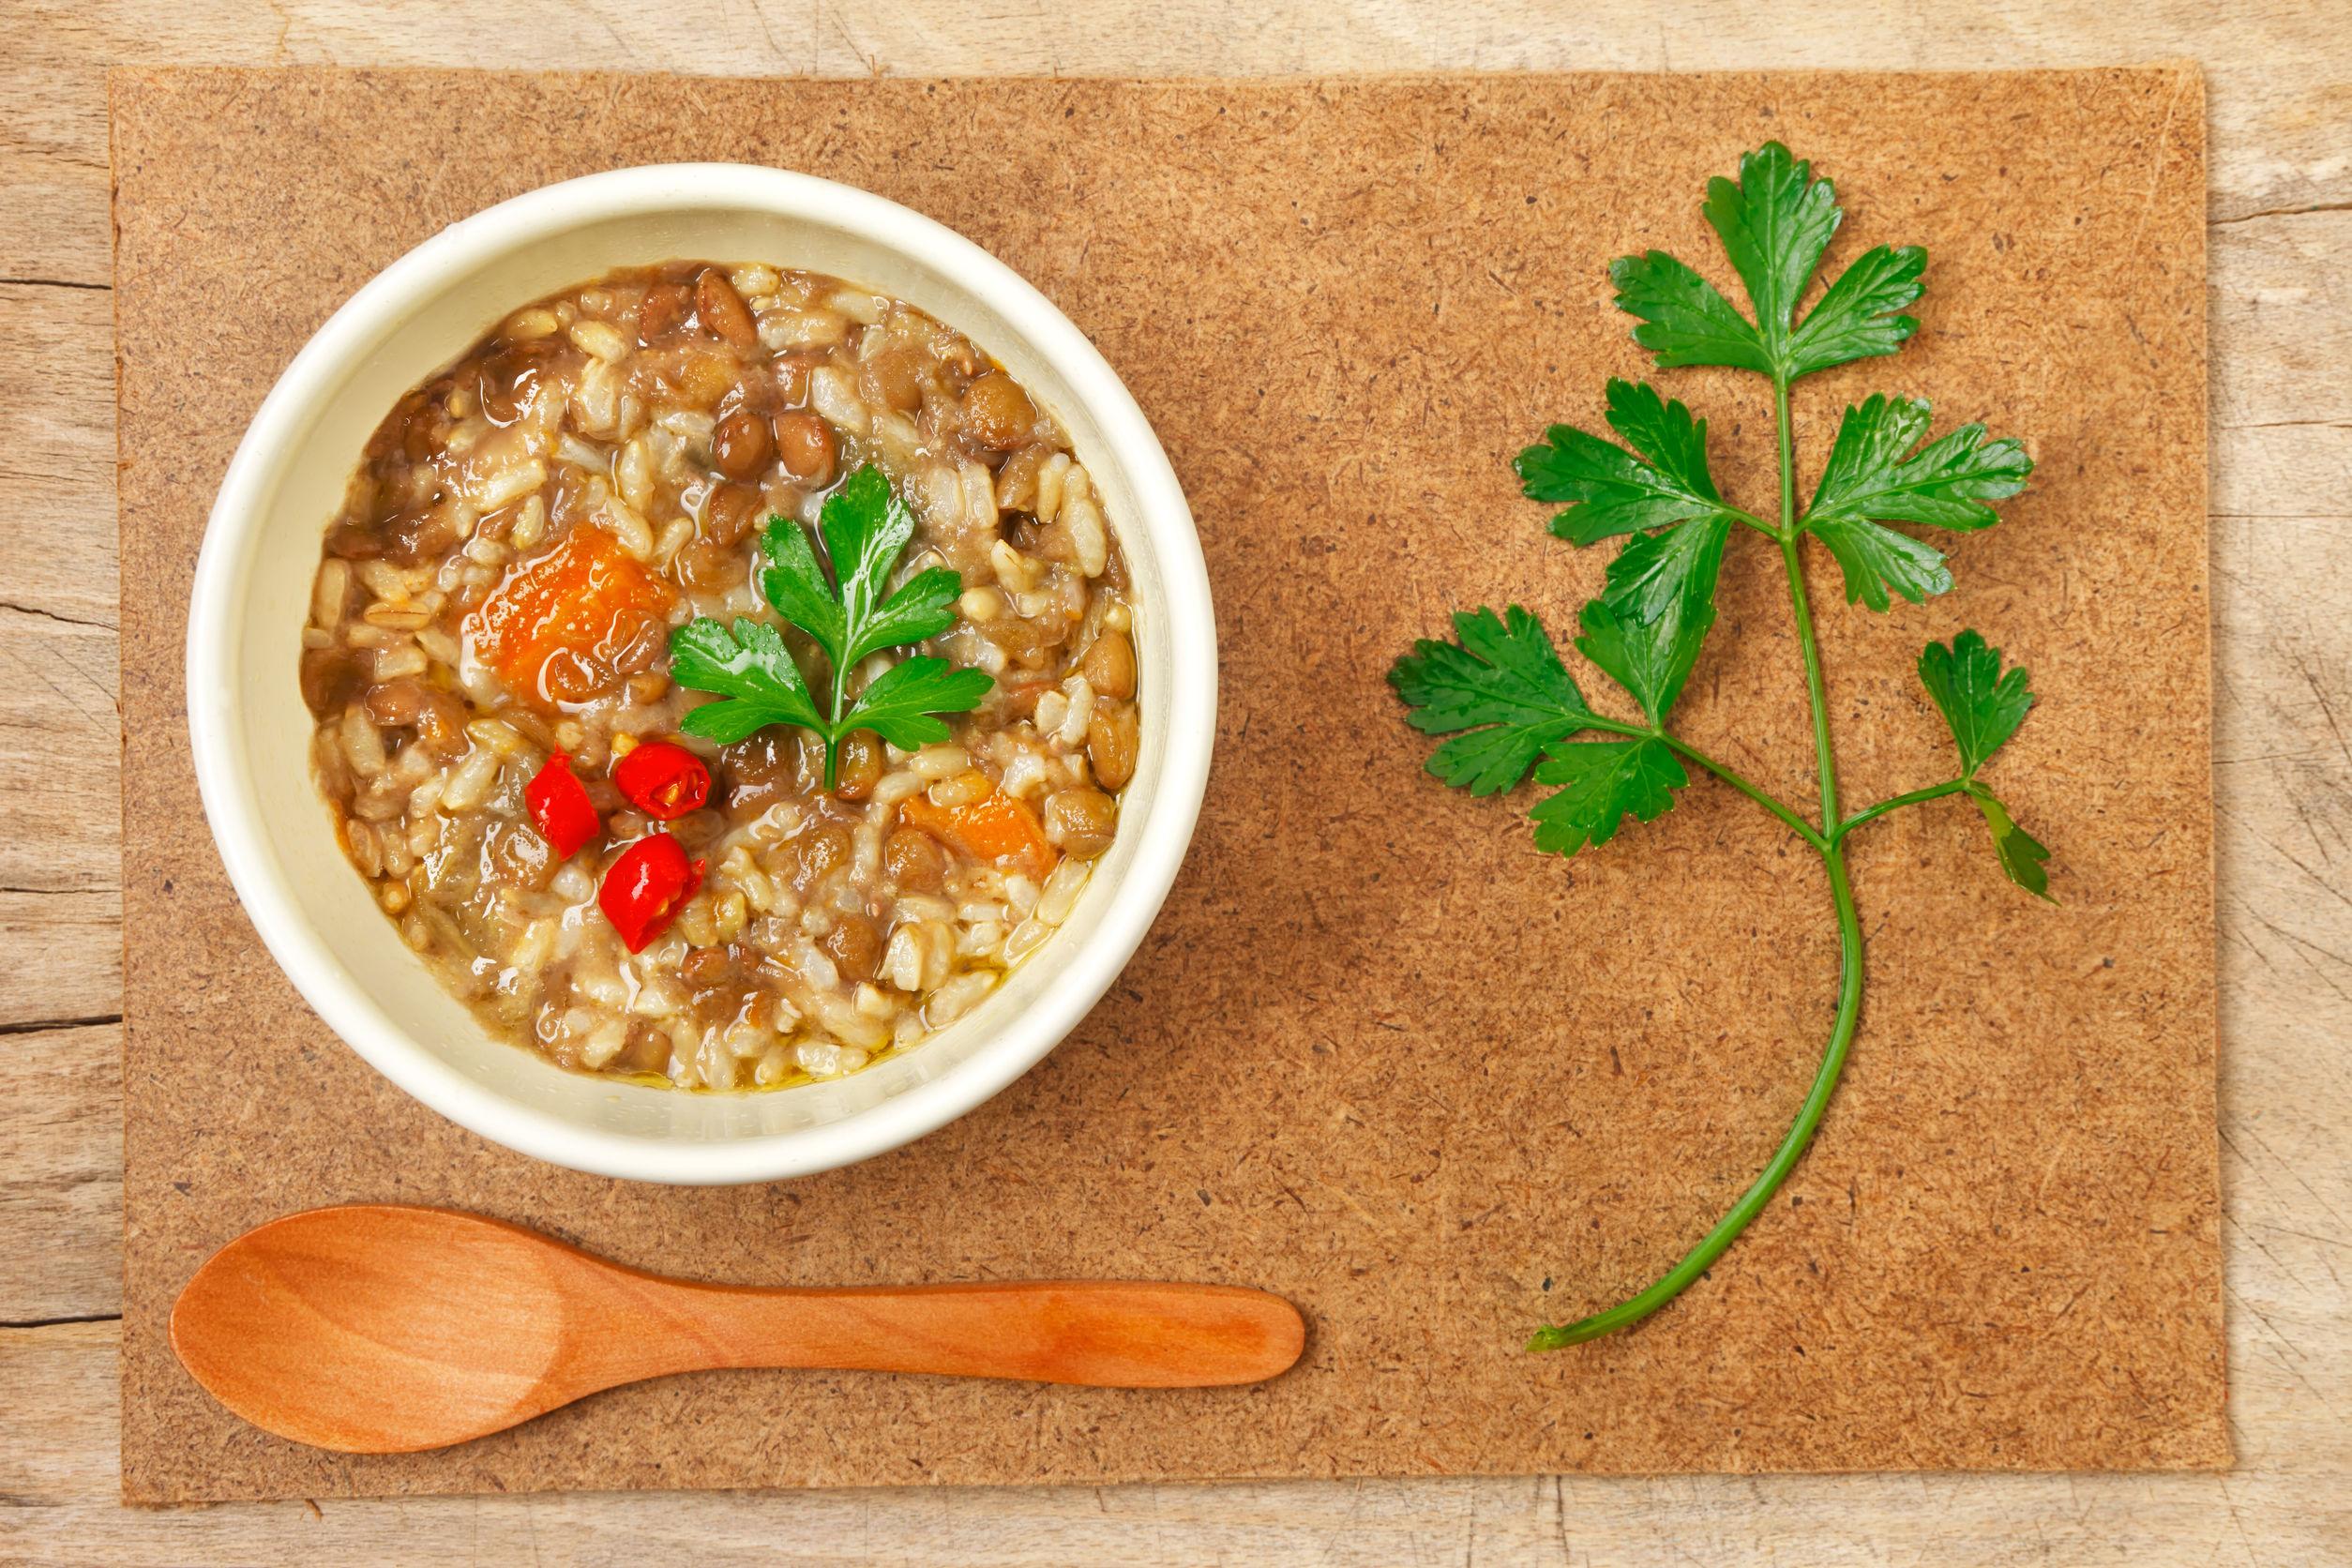 Receta de lentejas veganas, arroz integral y alga kombu.